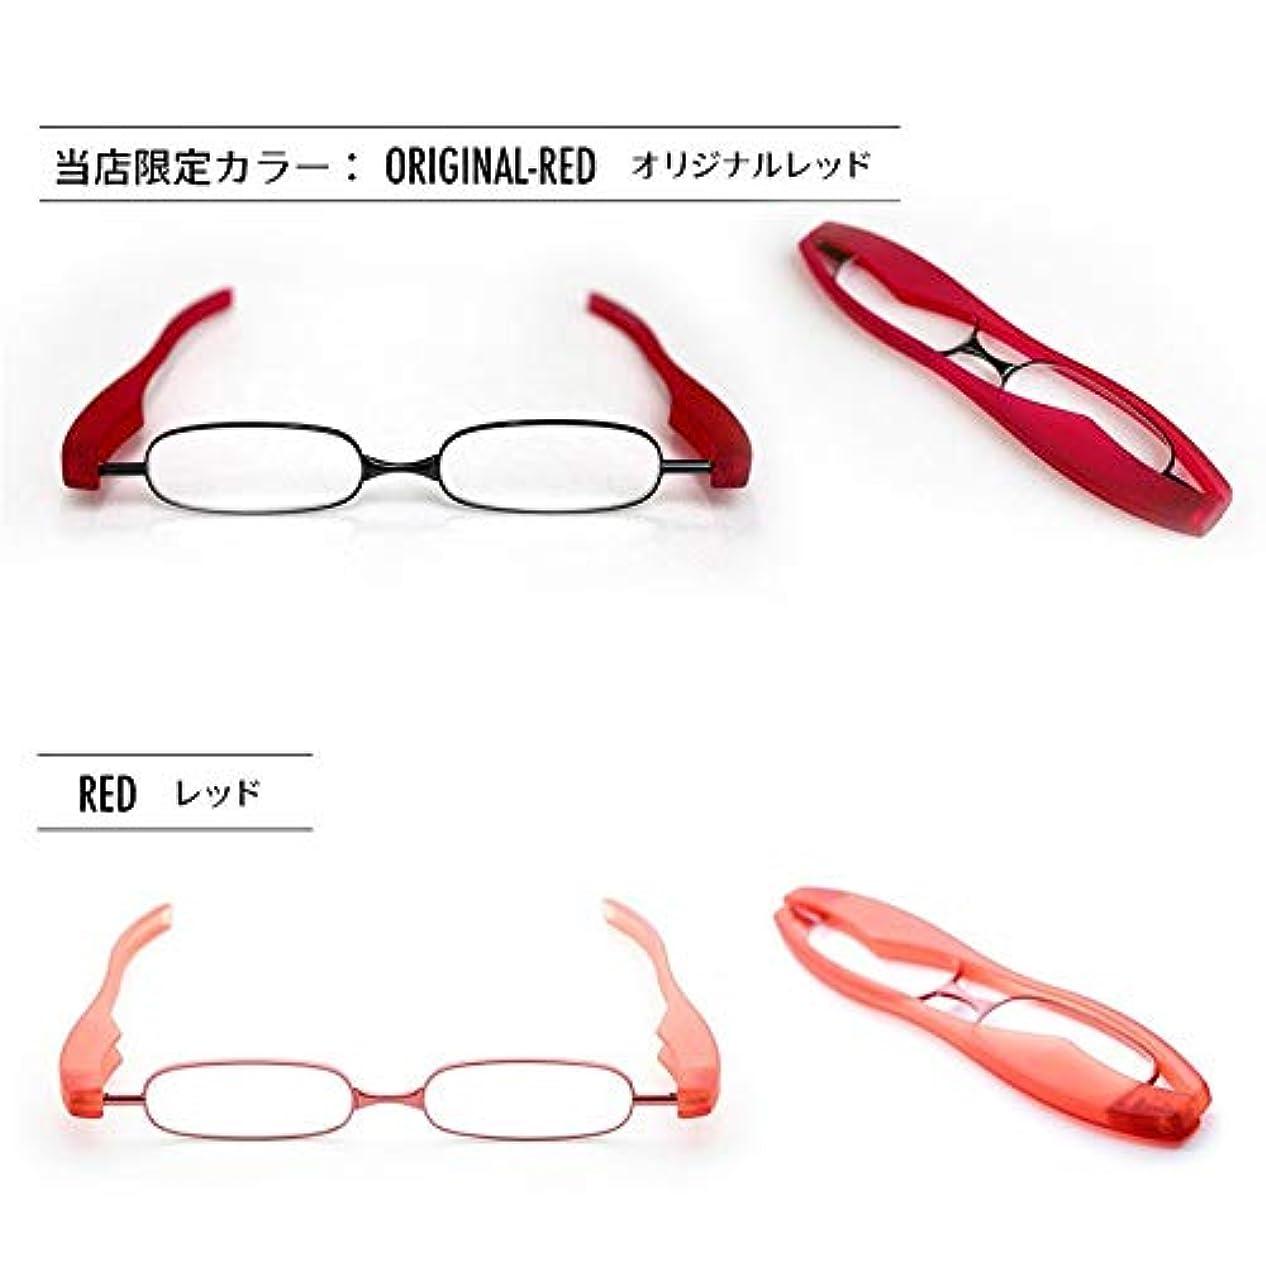 舞い上がる等価例老眼鏡 ポットリーダースマート 2本セット【オリジナルレッド(2.5)】+【レッド(3.0)】